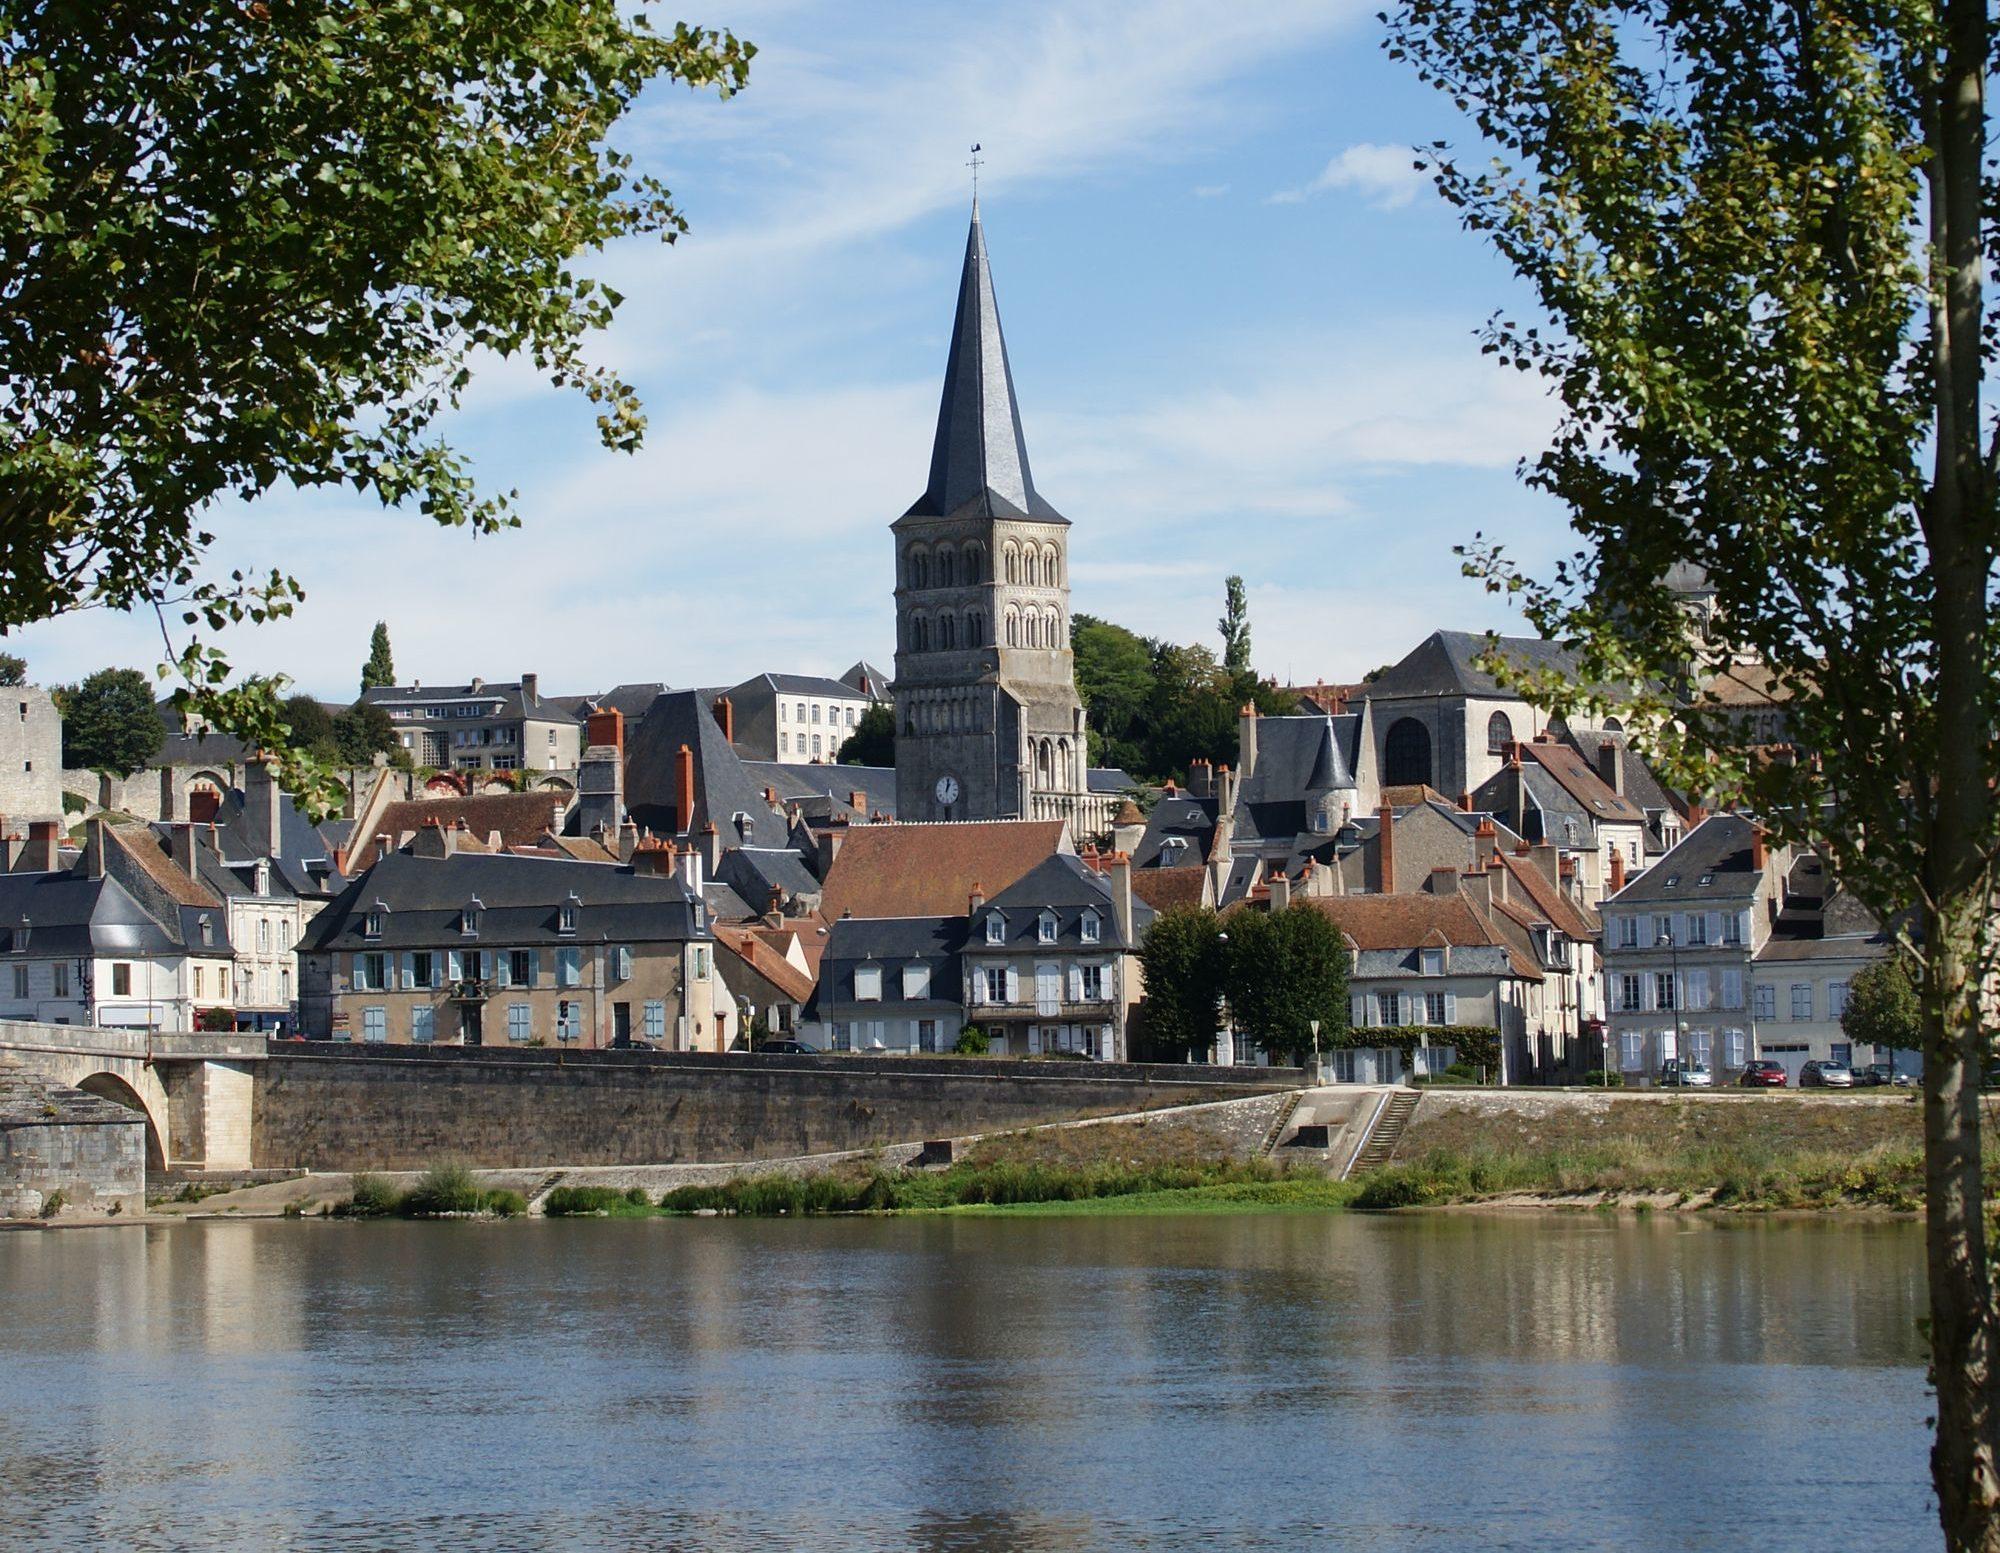 La Charité sur Loire - ©Virginie salle seutin